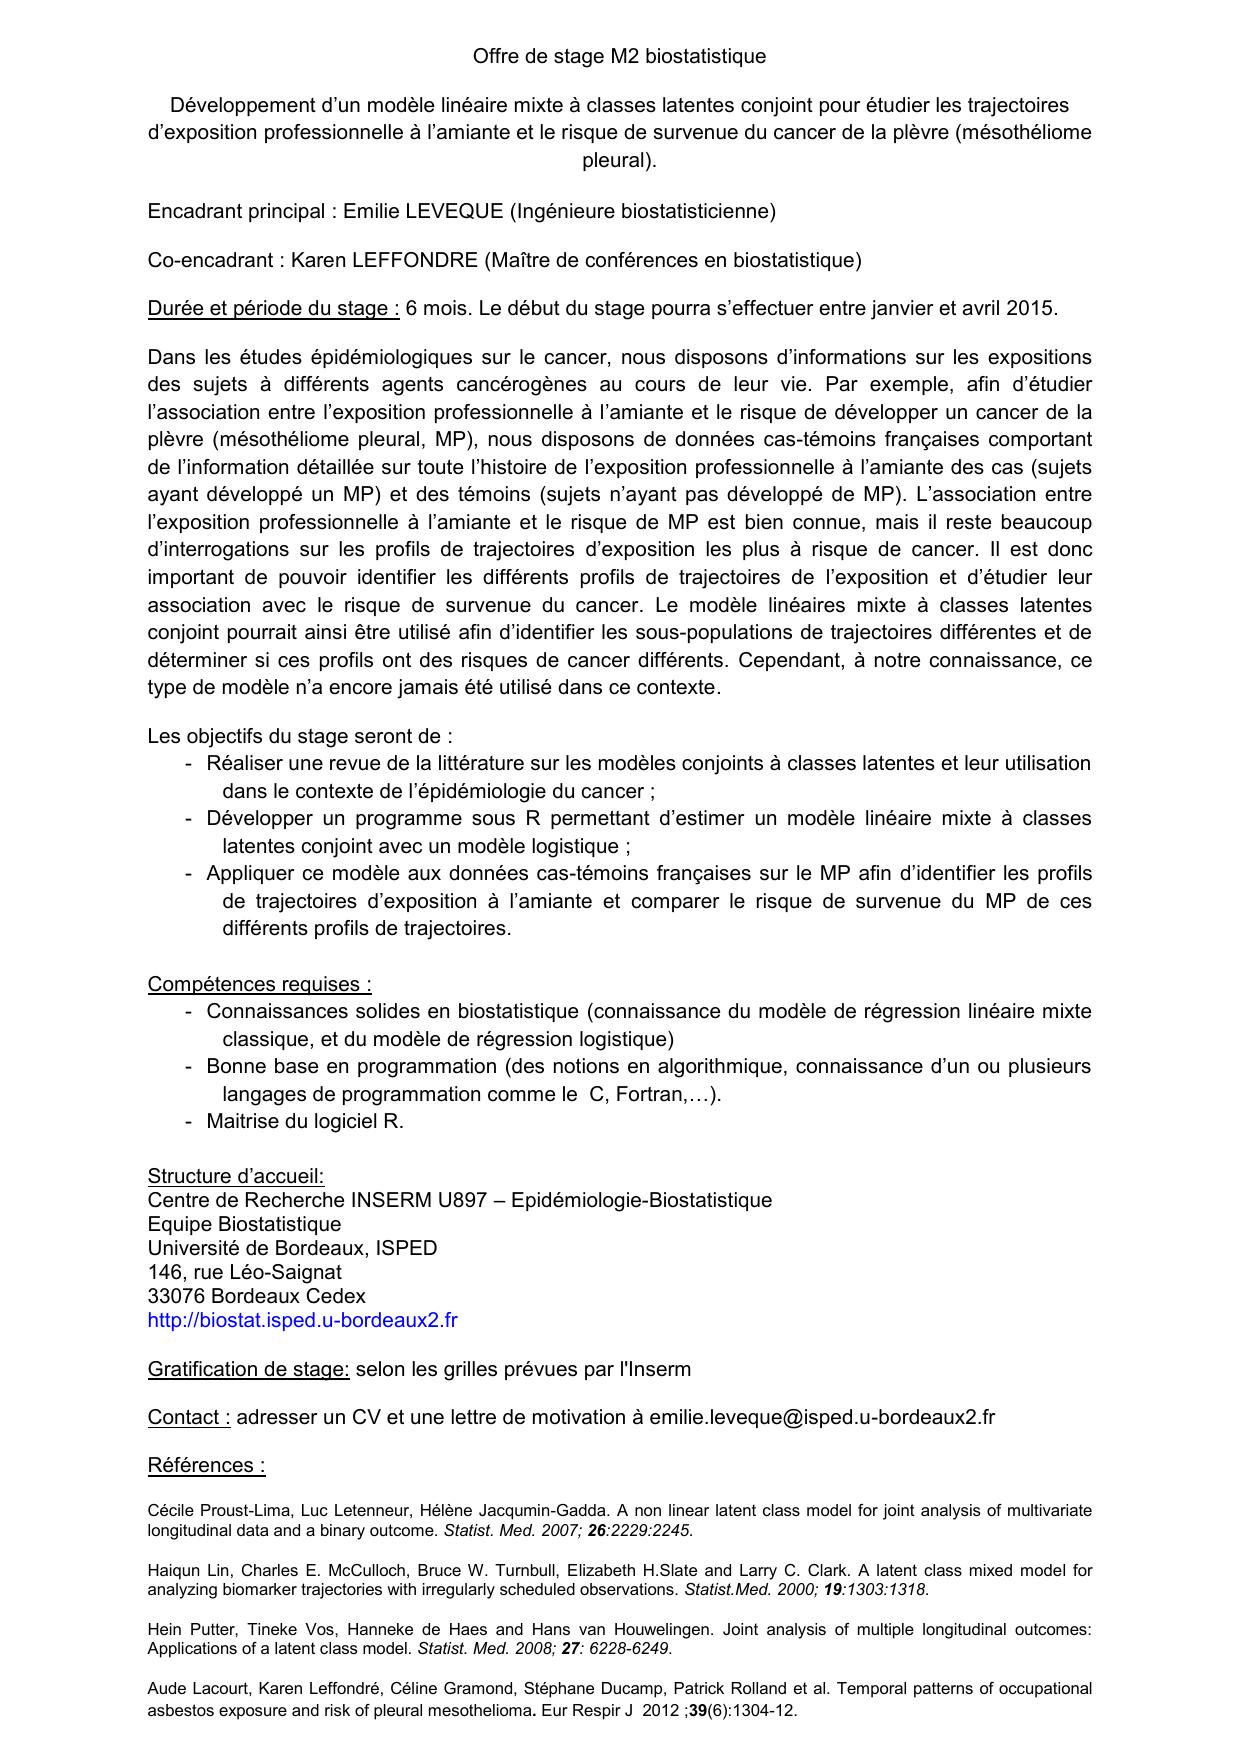 Offre De Stage M2 Biostatistique Developpement D Un Modele